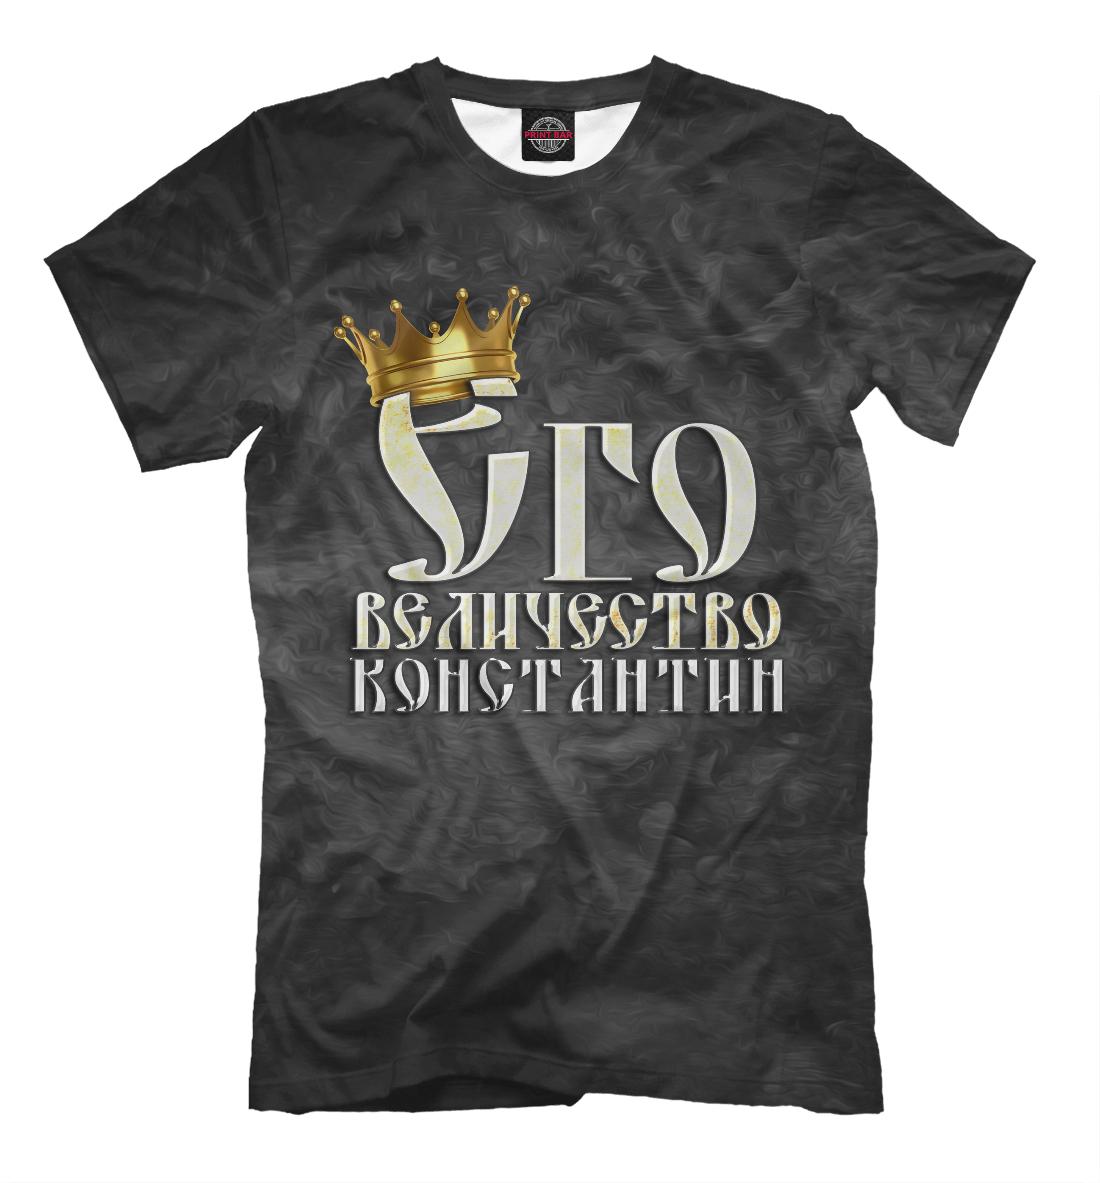 Его величество Константин, Printbar, Футболки, IMR-450501-fut-2  - купить со скидкой